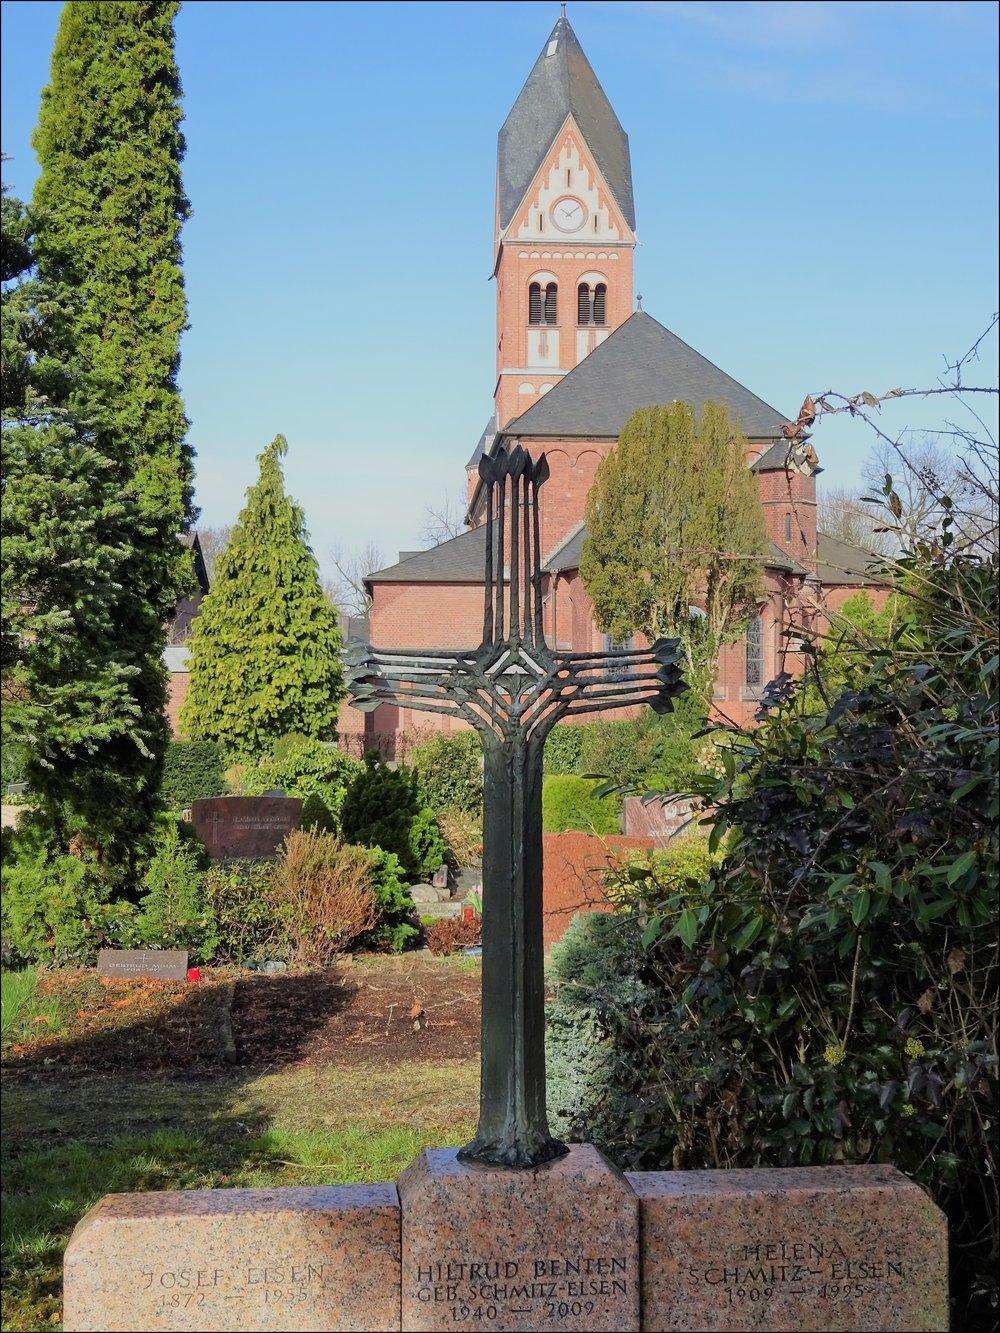 здесь хоронили жителей урденбаха католического (оно за католической церковью), но и лютеранского (!) вероисповедания - у кладбища 2 части, но строгих разграничений нет.